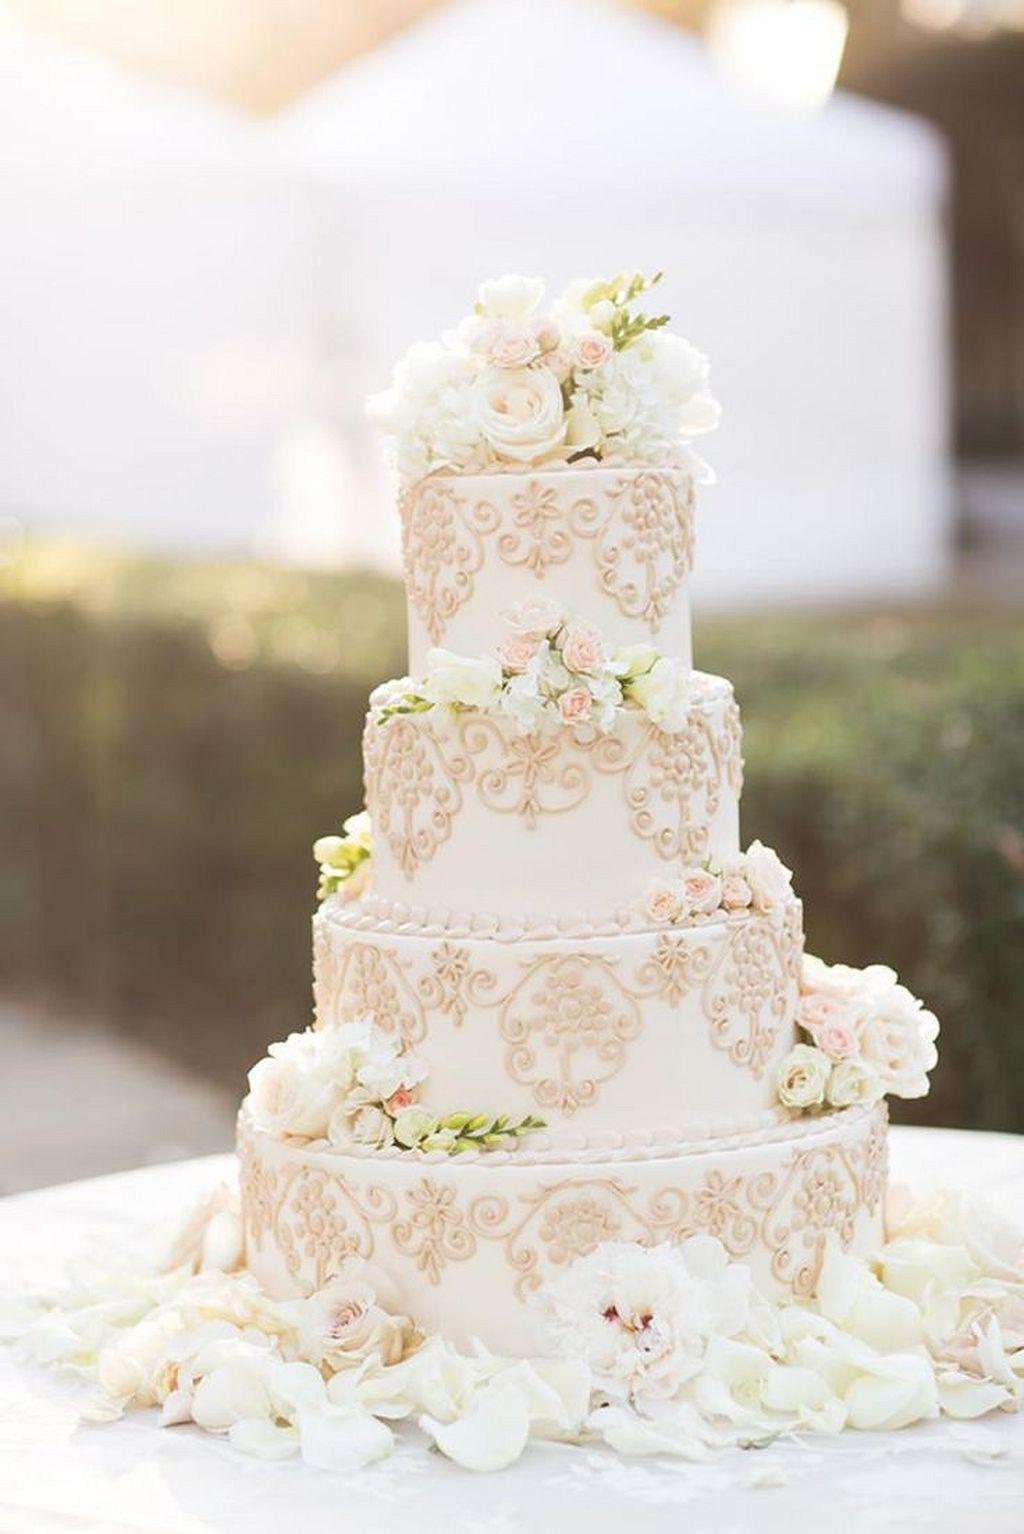 60+ Elegant Wedding Cake Ideas   Elegant wedding cakes, Wedding cake ...